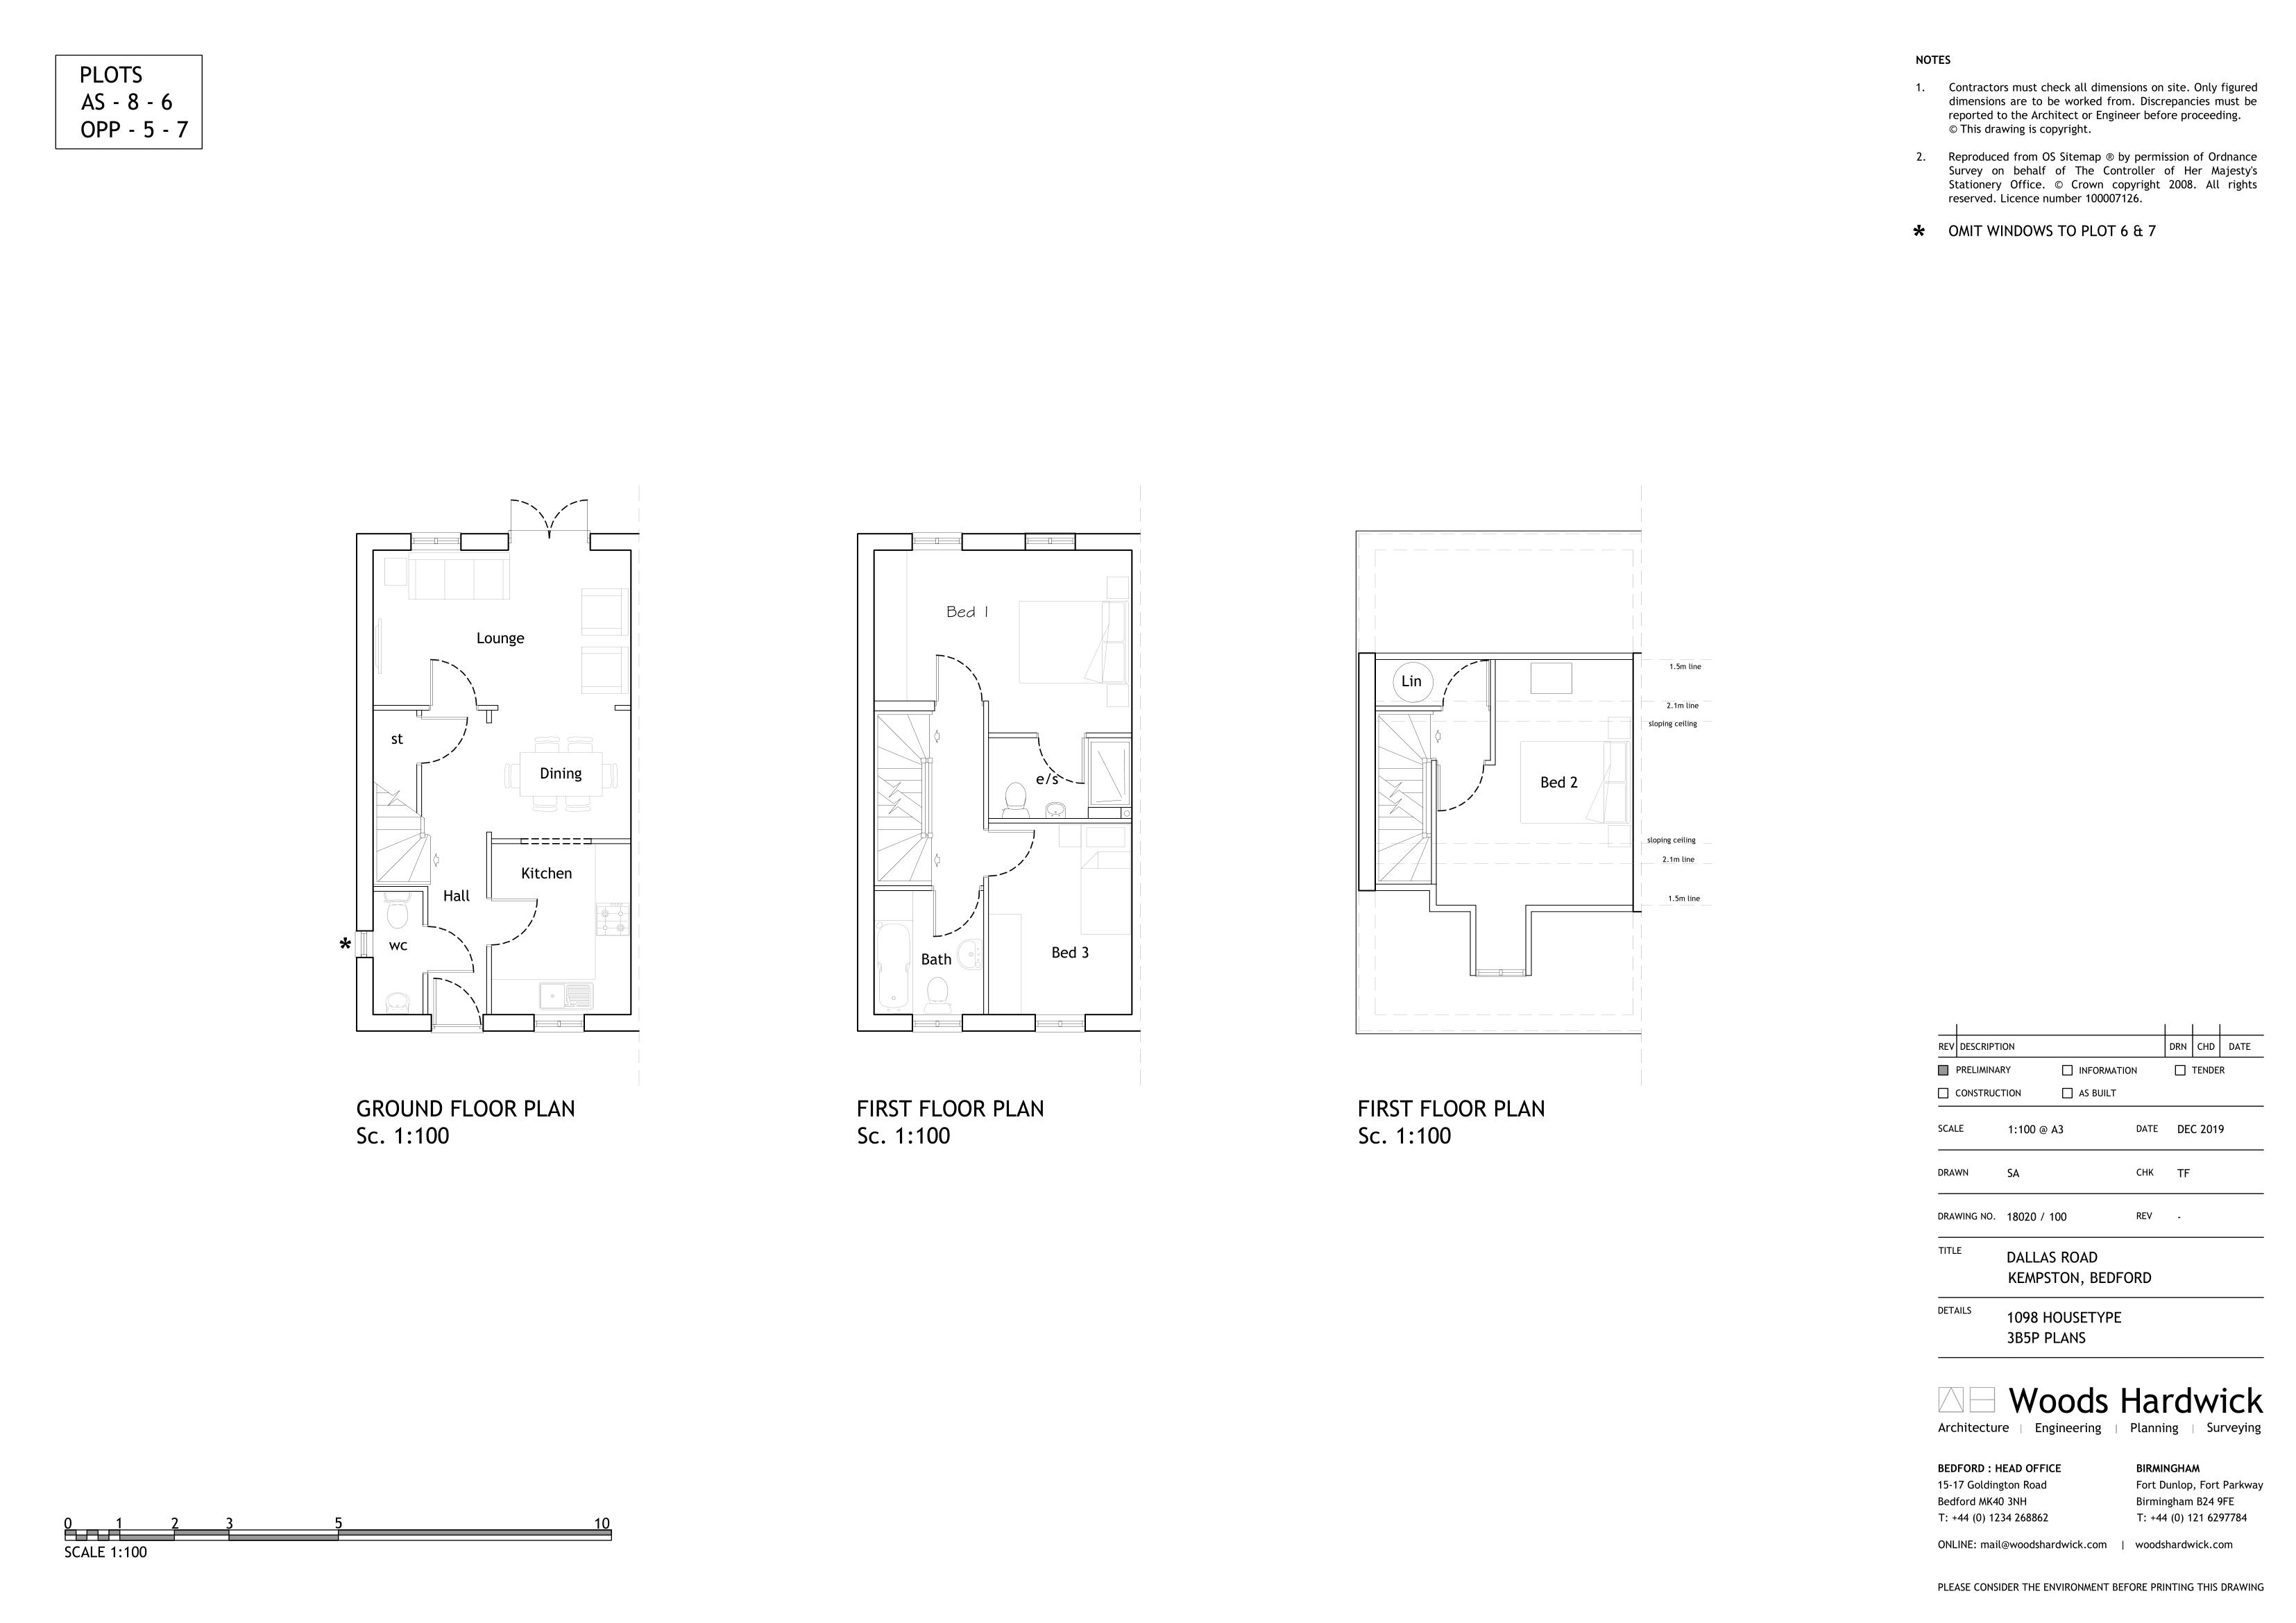 1098 - 3B5P-100P-1